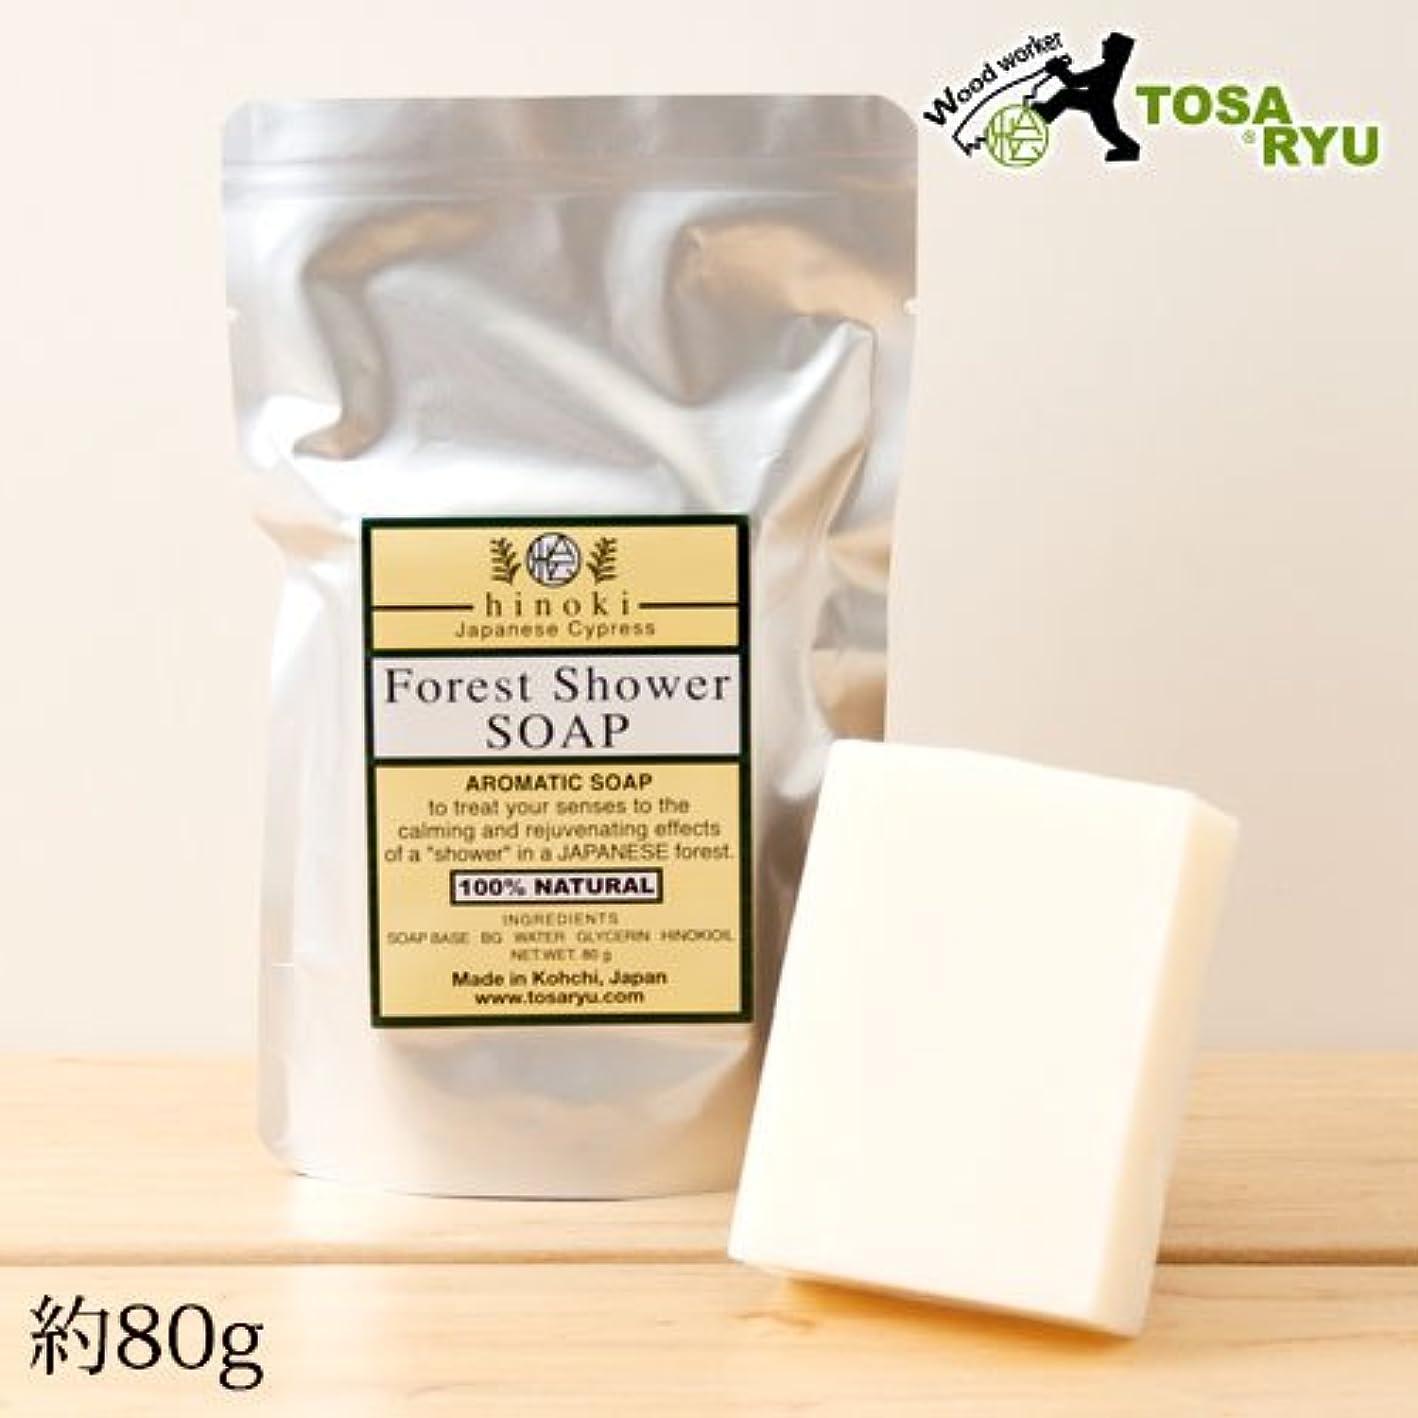 砦グラス長々とTosaryu, FOREST SHOWER SOAP, Aroma soap scent of cypress, Kochi craft